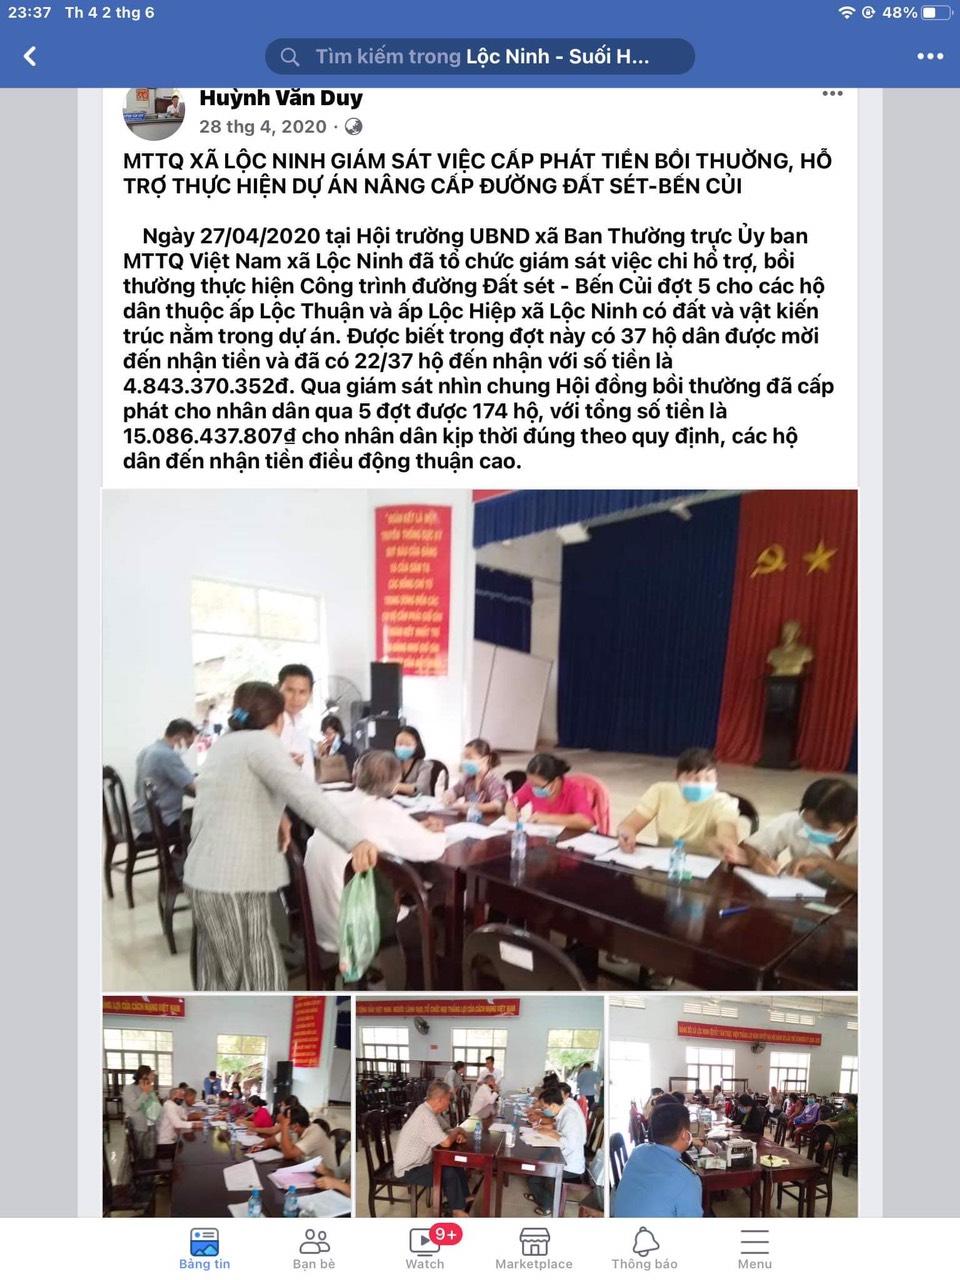 Tài khoản Facebook có tên Huỳnh Văn Duy đã đăng tải thông tin trong nhóm Lộc Ninh Suối Hùng, trong đó có nhiều nội dung cho thấy đã có đến 5 đợt chi hỗ trợ, bồi thường thực hiện công trình đường Đất Sét – Bến Củi